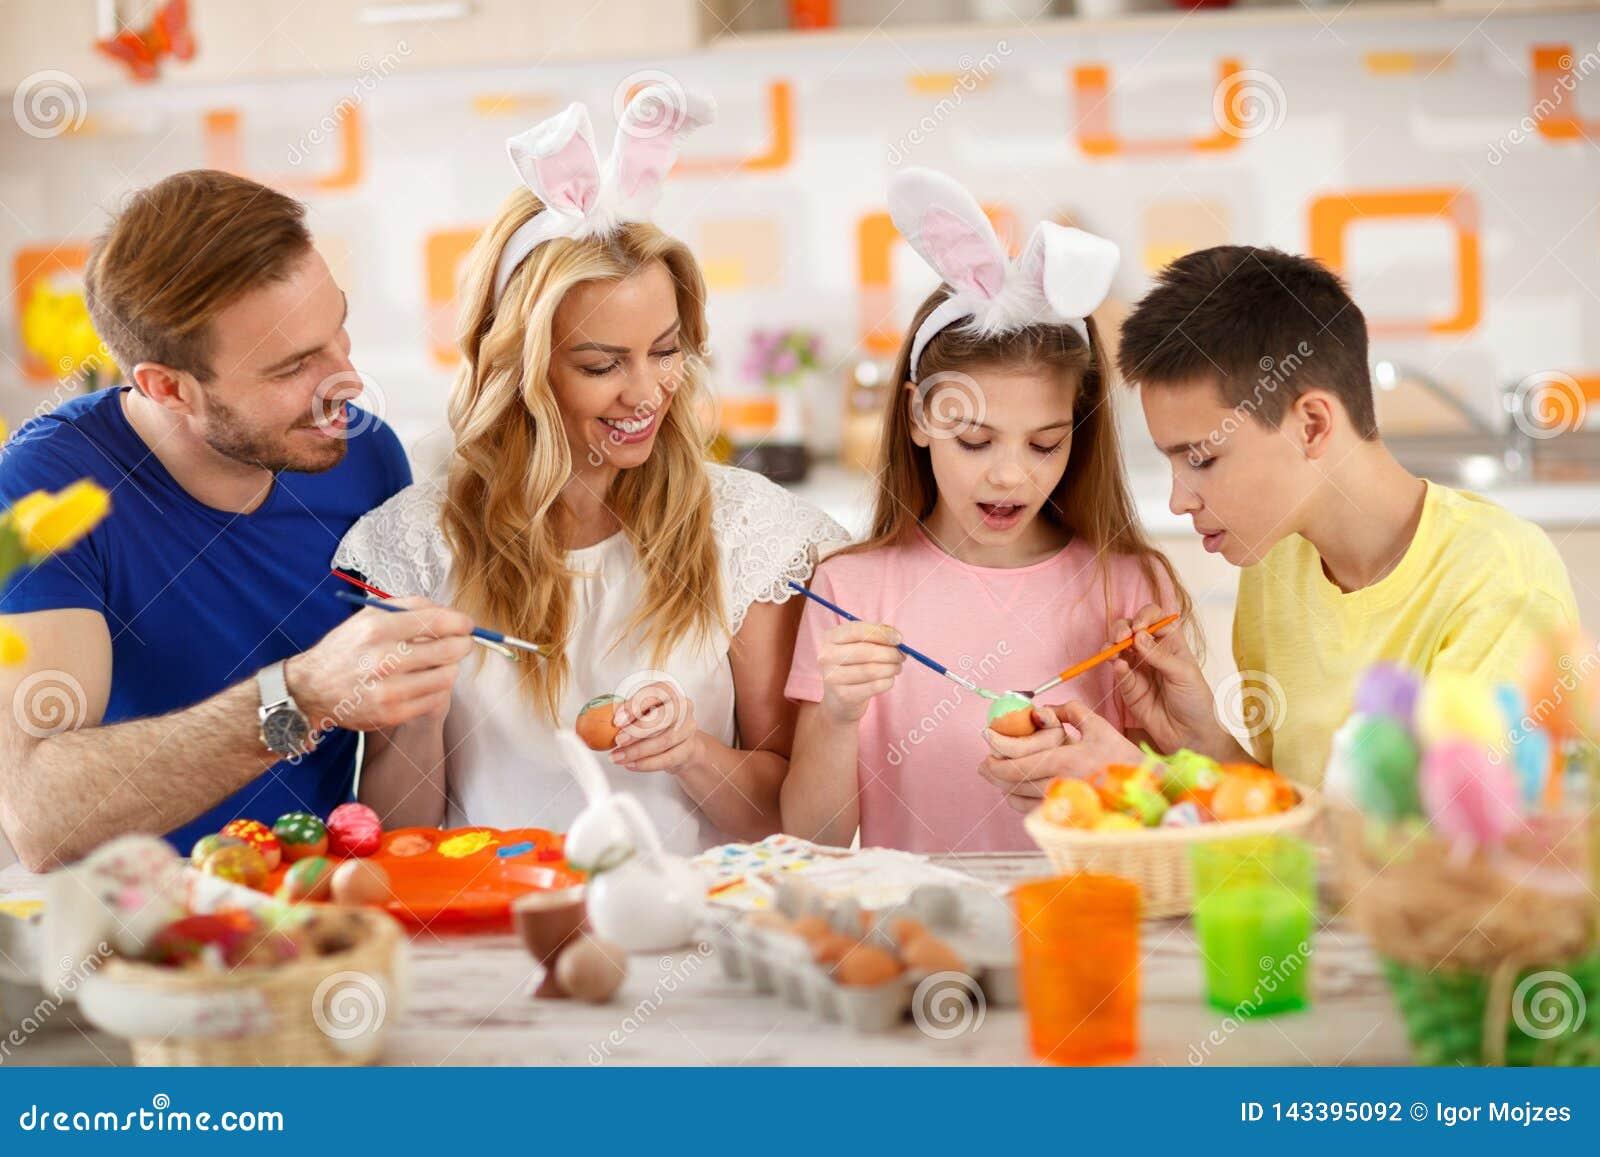 Pais com as crianças que pintam ovos coloridos